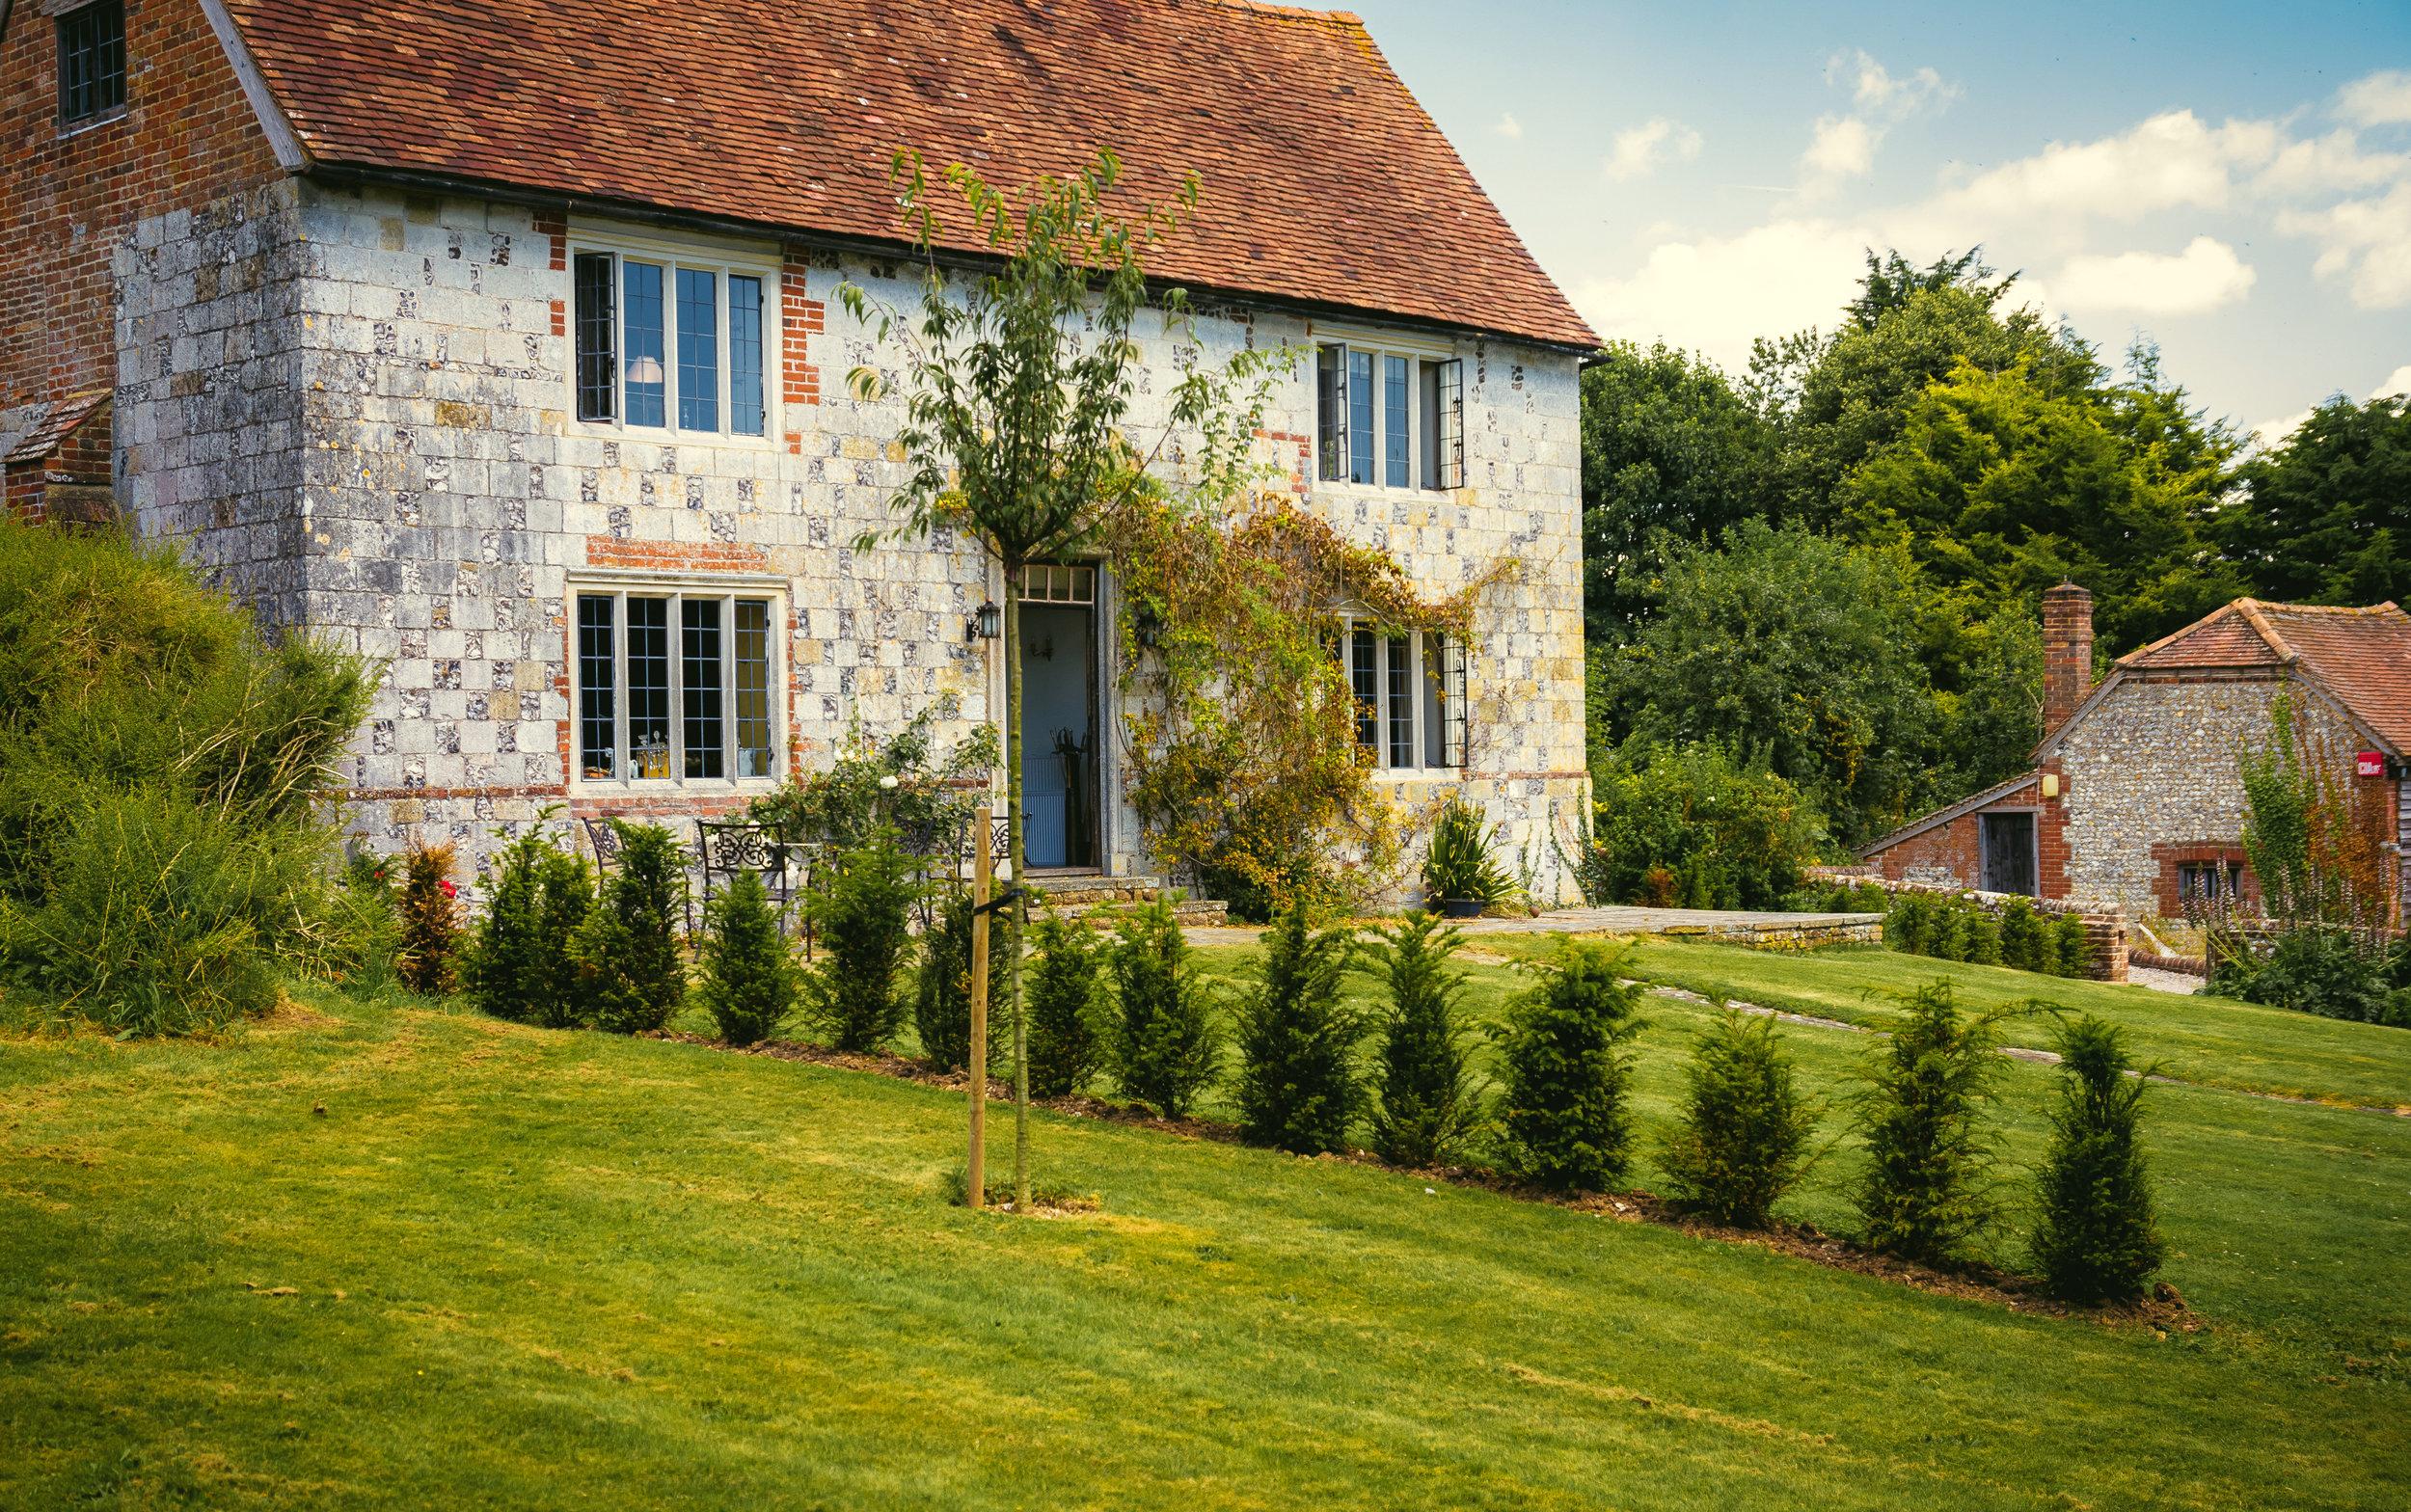 Wil-Ridpath-garden-designer-winchester-hampshire-romsey-2016-10157.jpg